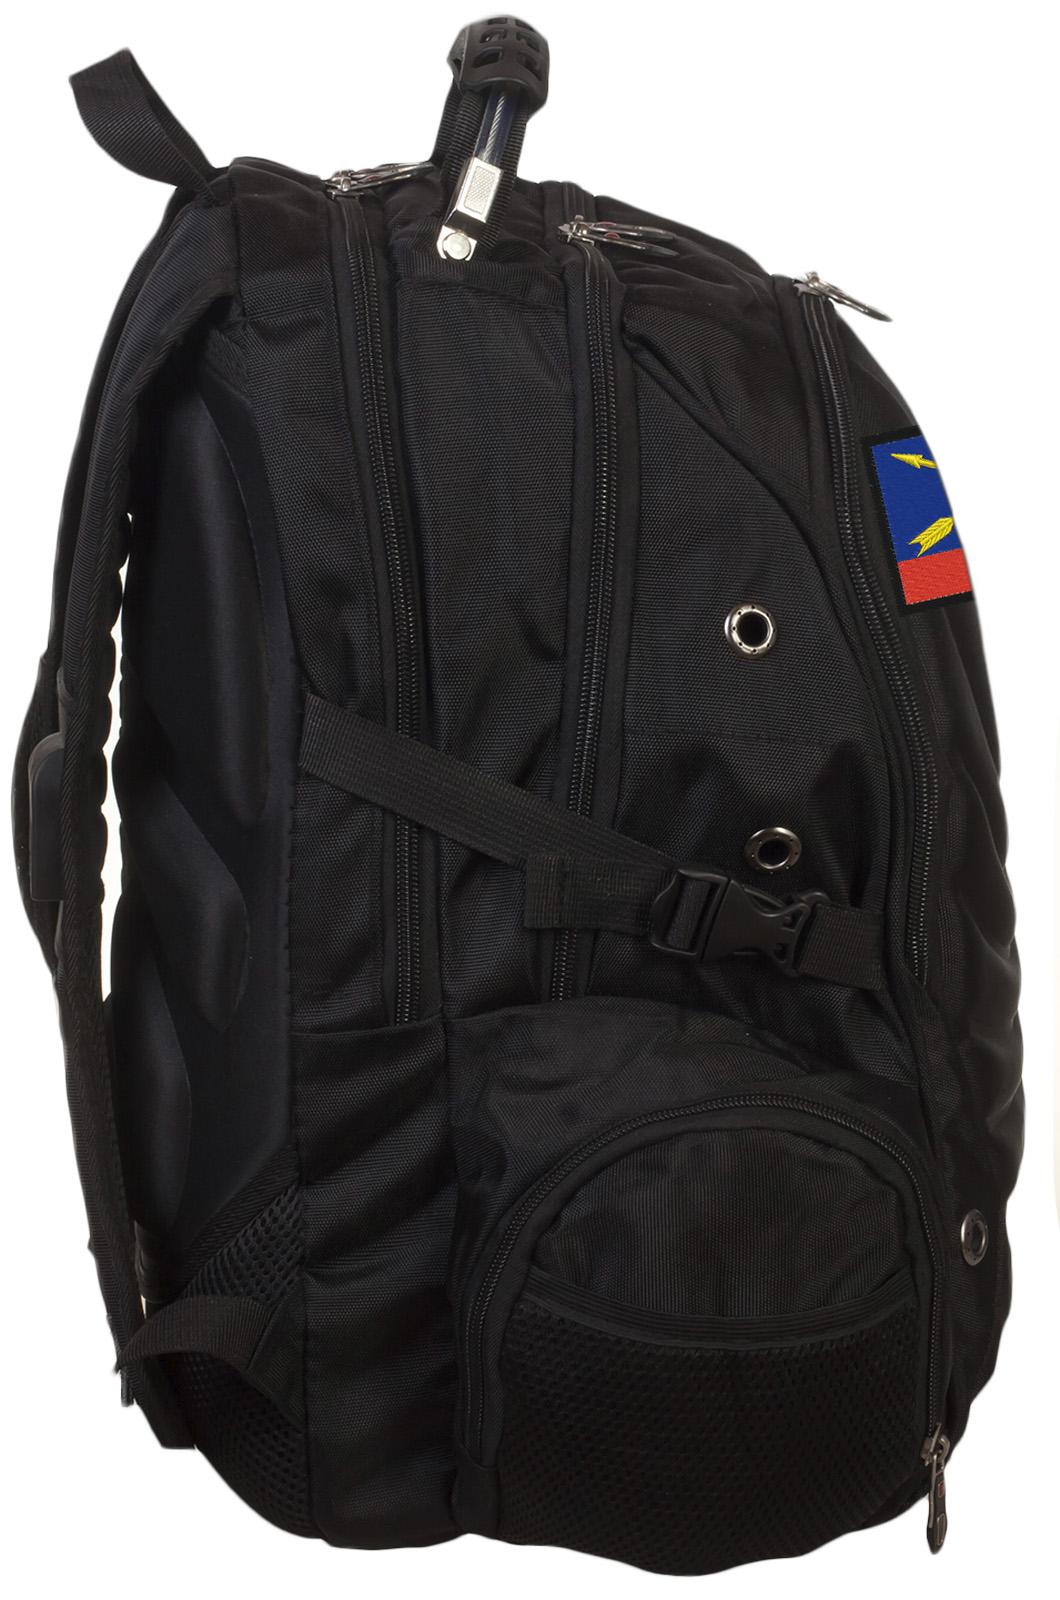 Универсальный черный рюкзак с нашивкой РВСН - купить выгодно